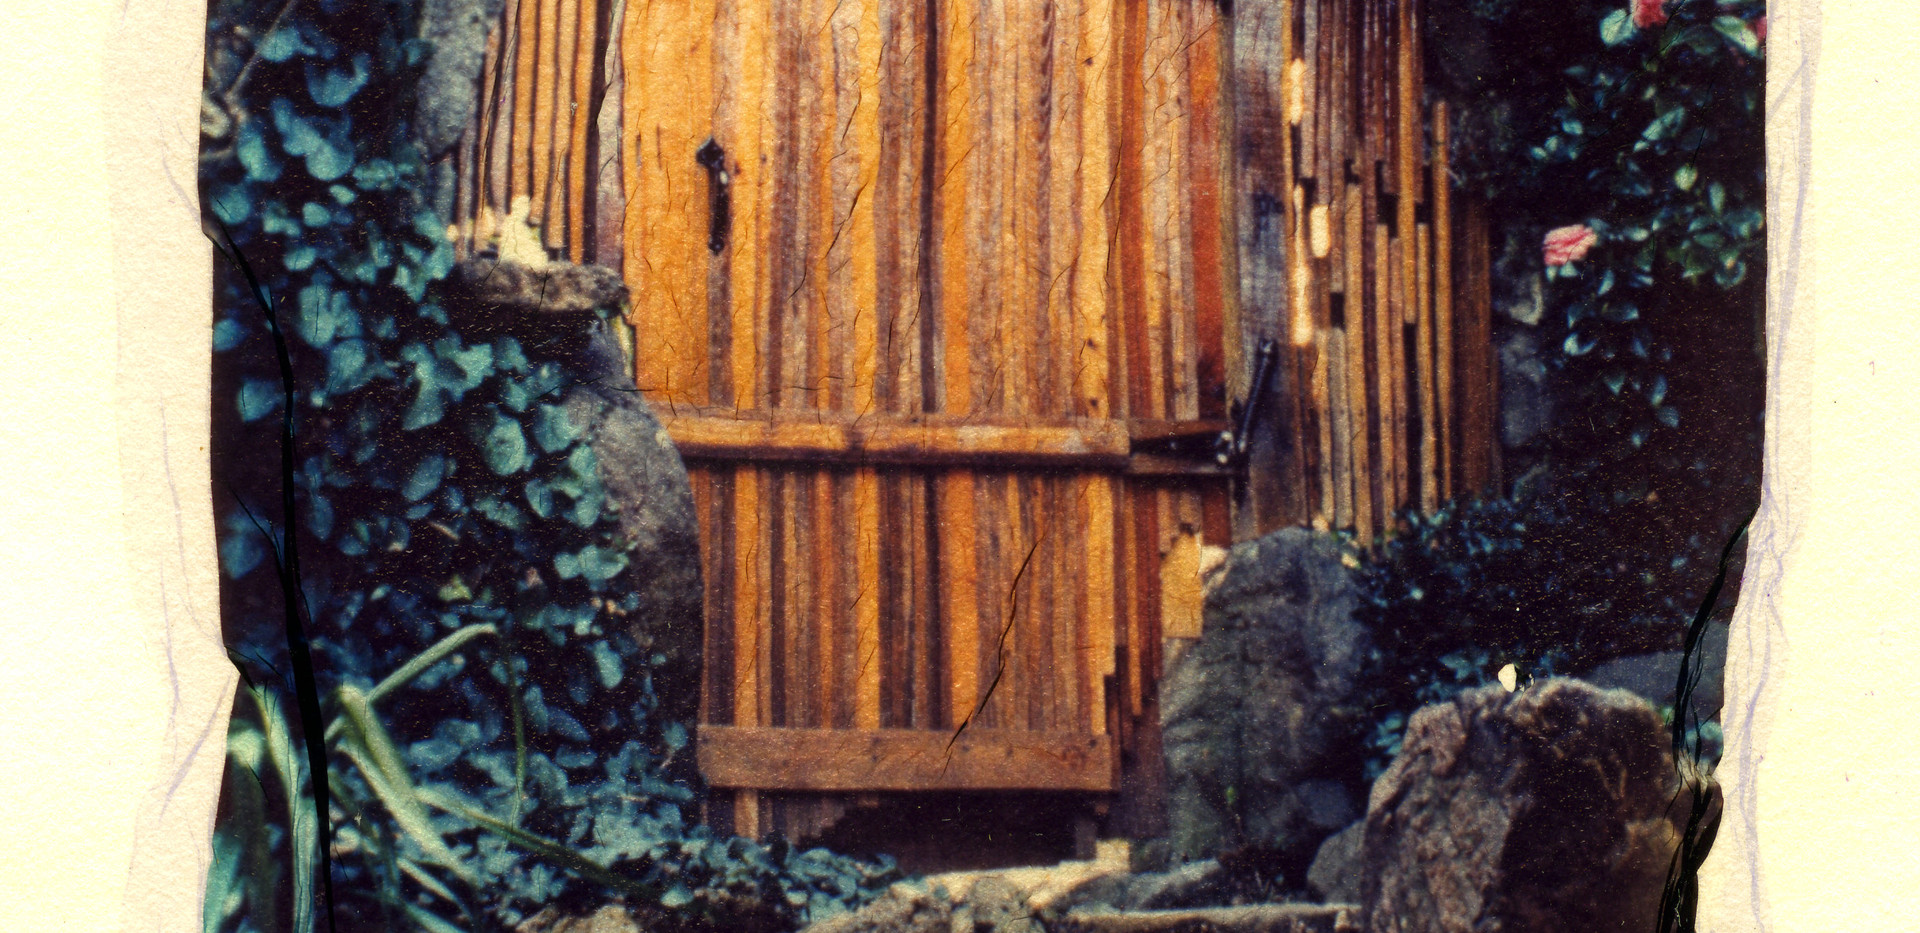 Polrd Lift - Frnt Gate001.jpg